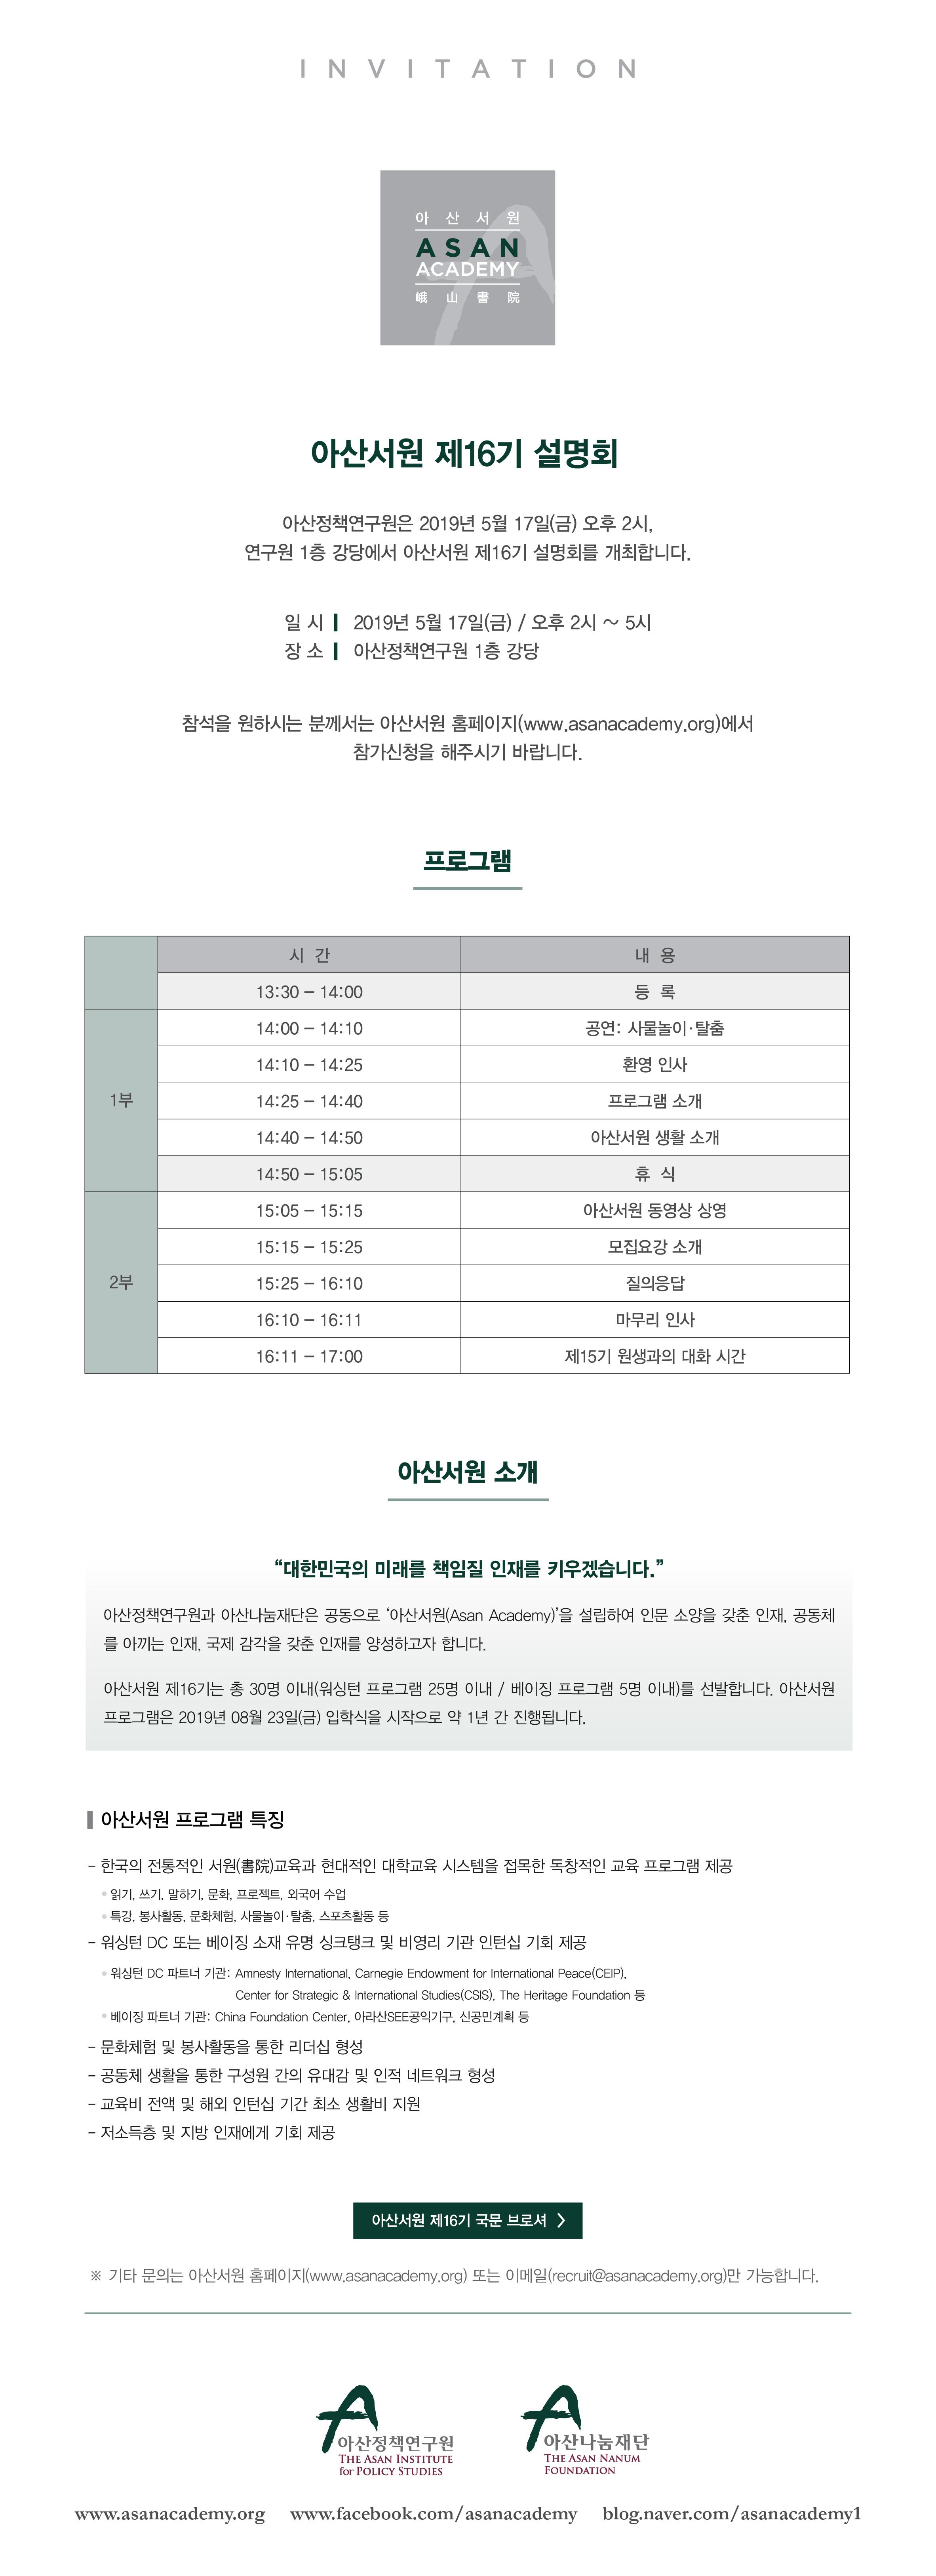 아산서원 제16기 설명회 초청장